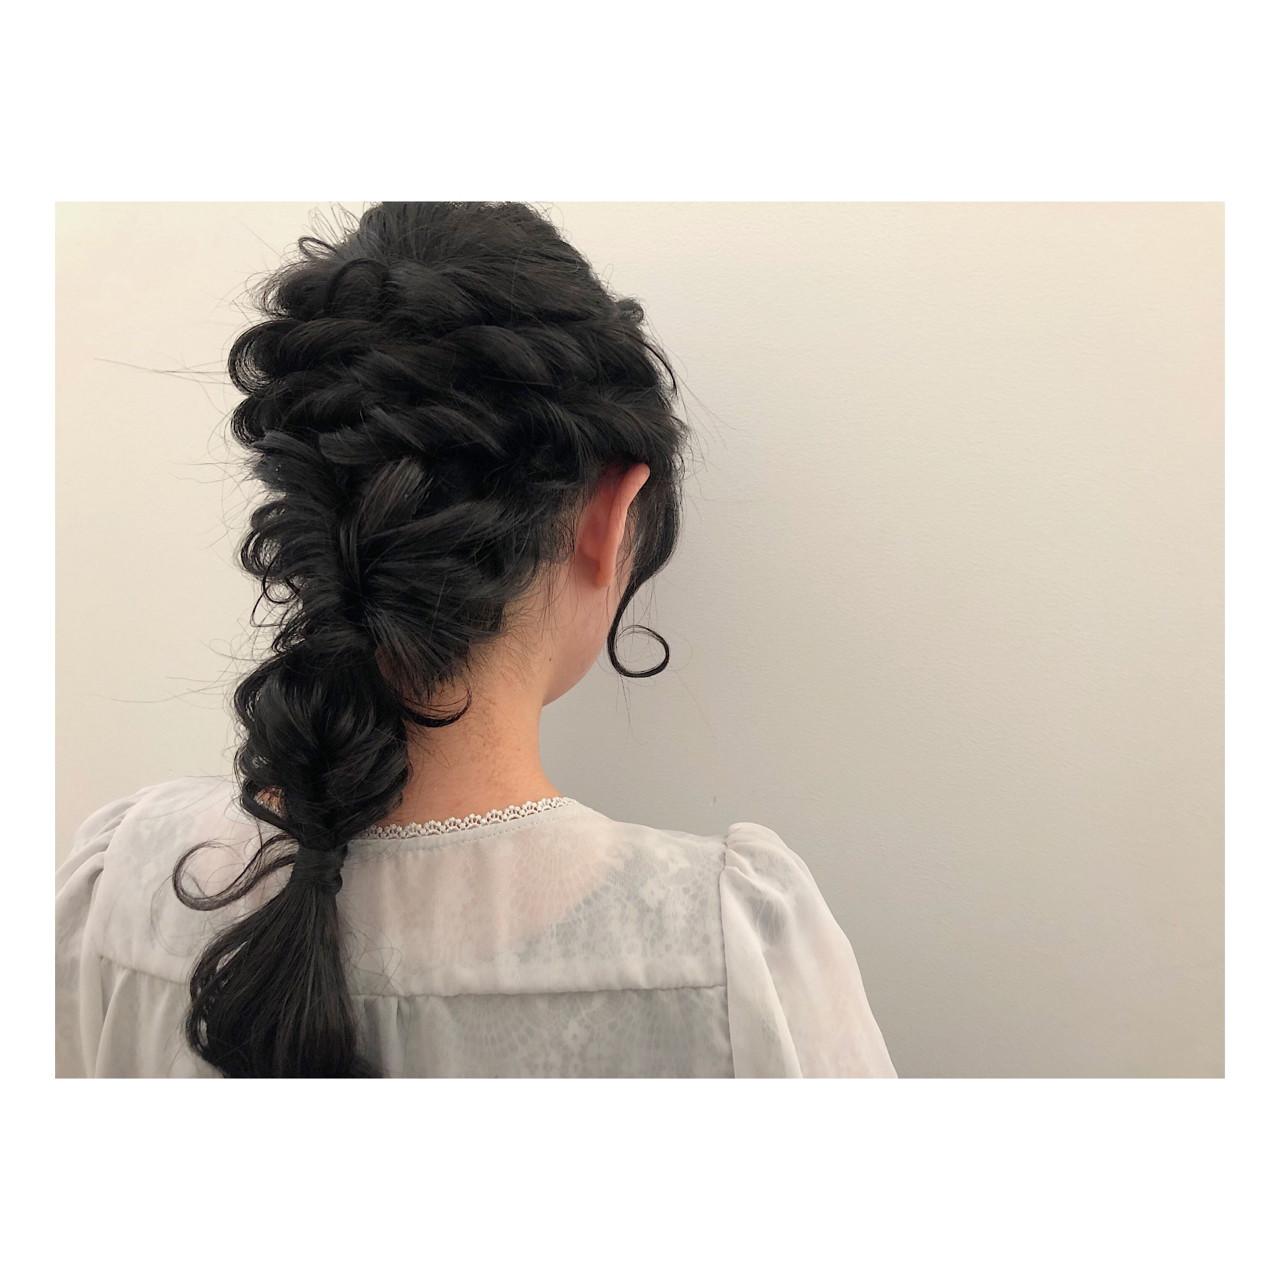 ロング 簡単ヘアアレンジ ショート パーティヘアスタイルや髪型の写真・画像